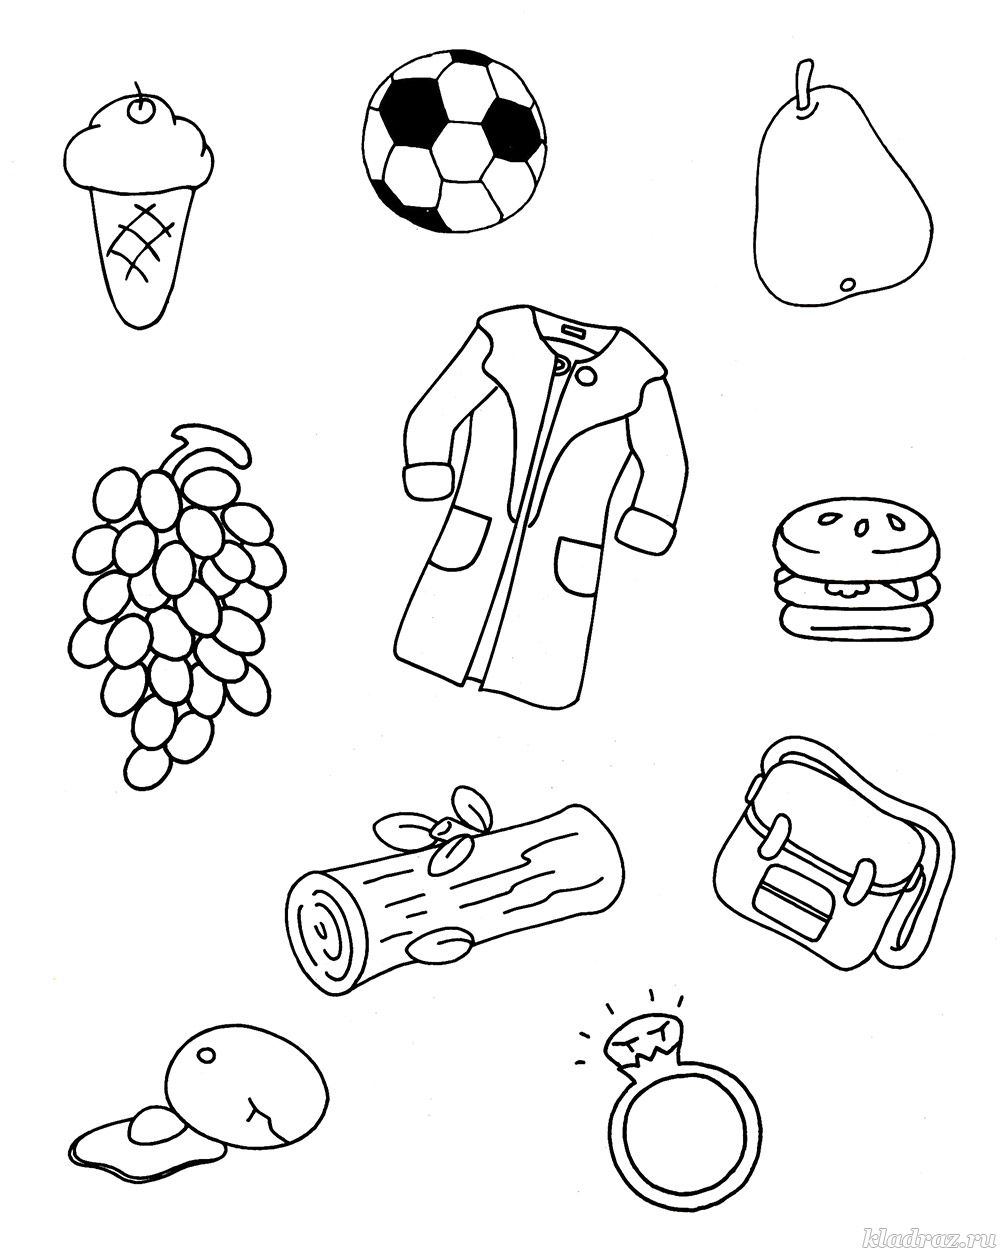 Развивающие задания для детей 4-5 лет в картинках